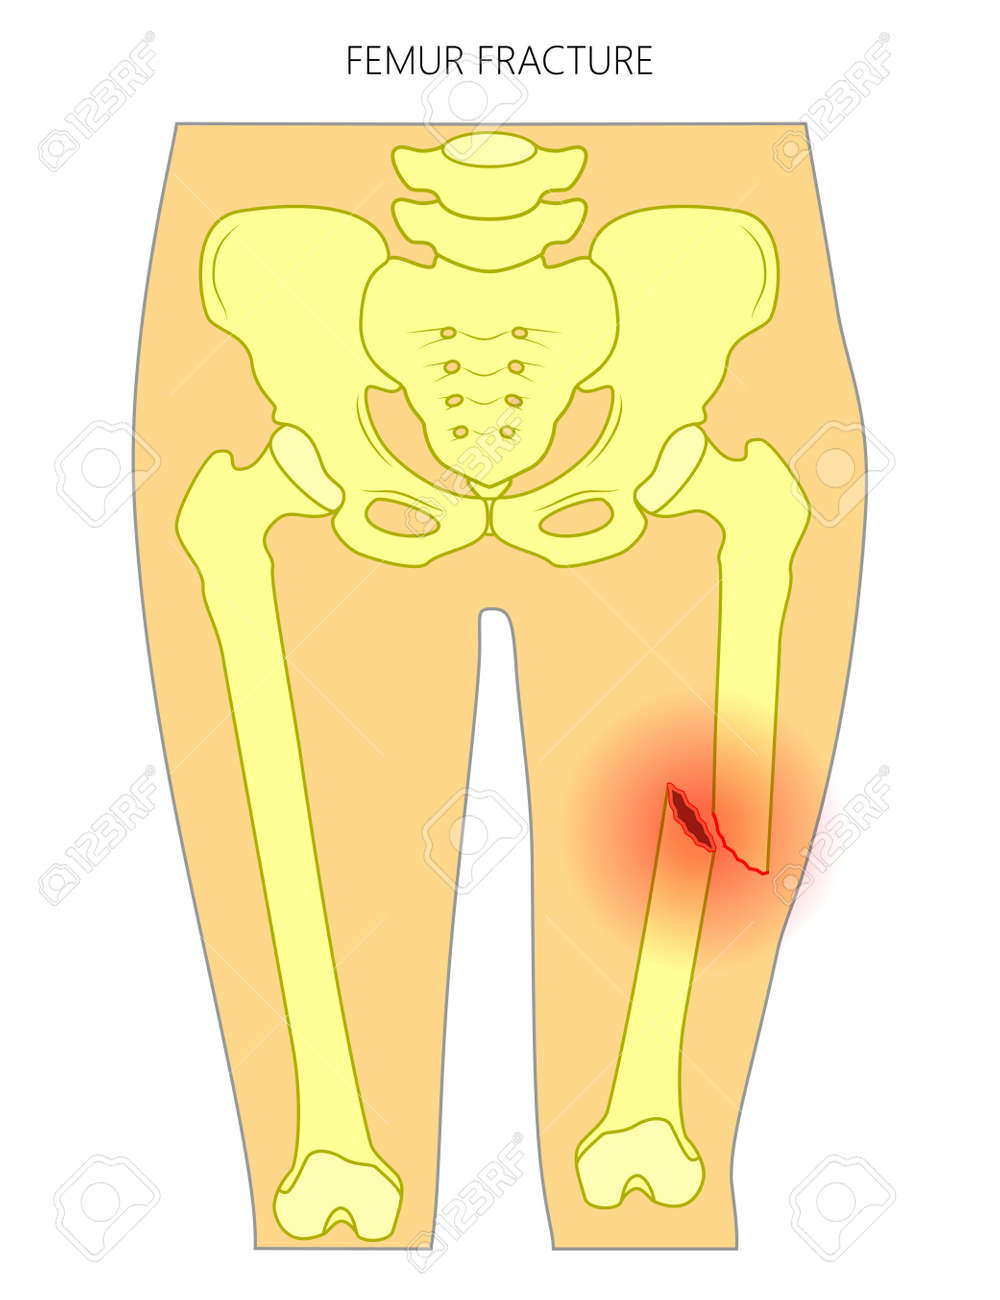 Schön Anatomy And Physiology Of Femur Fracture Ideen - Menschliche ...